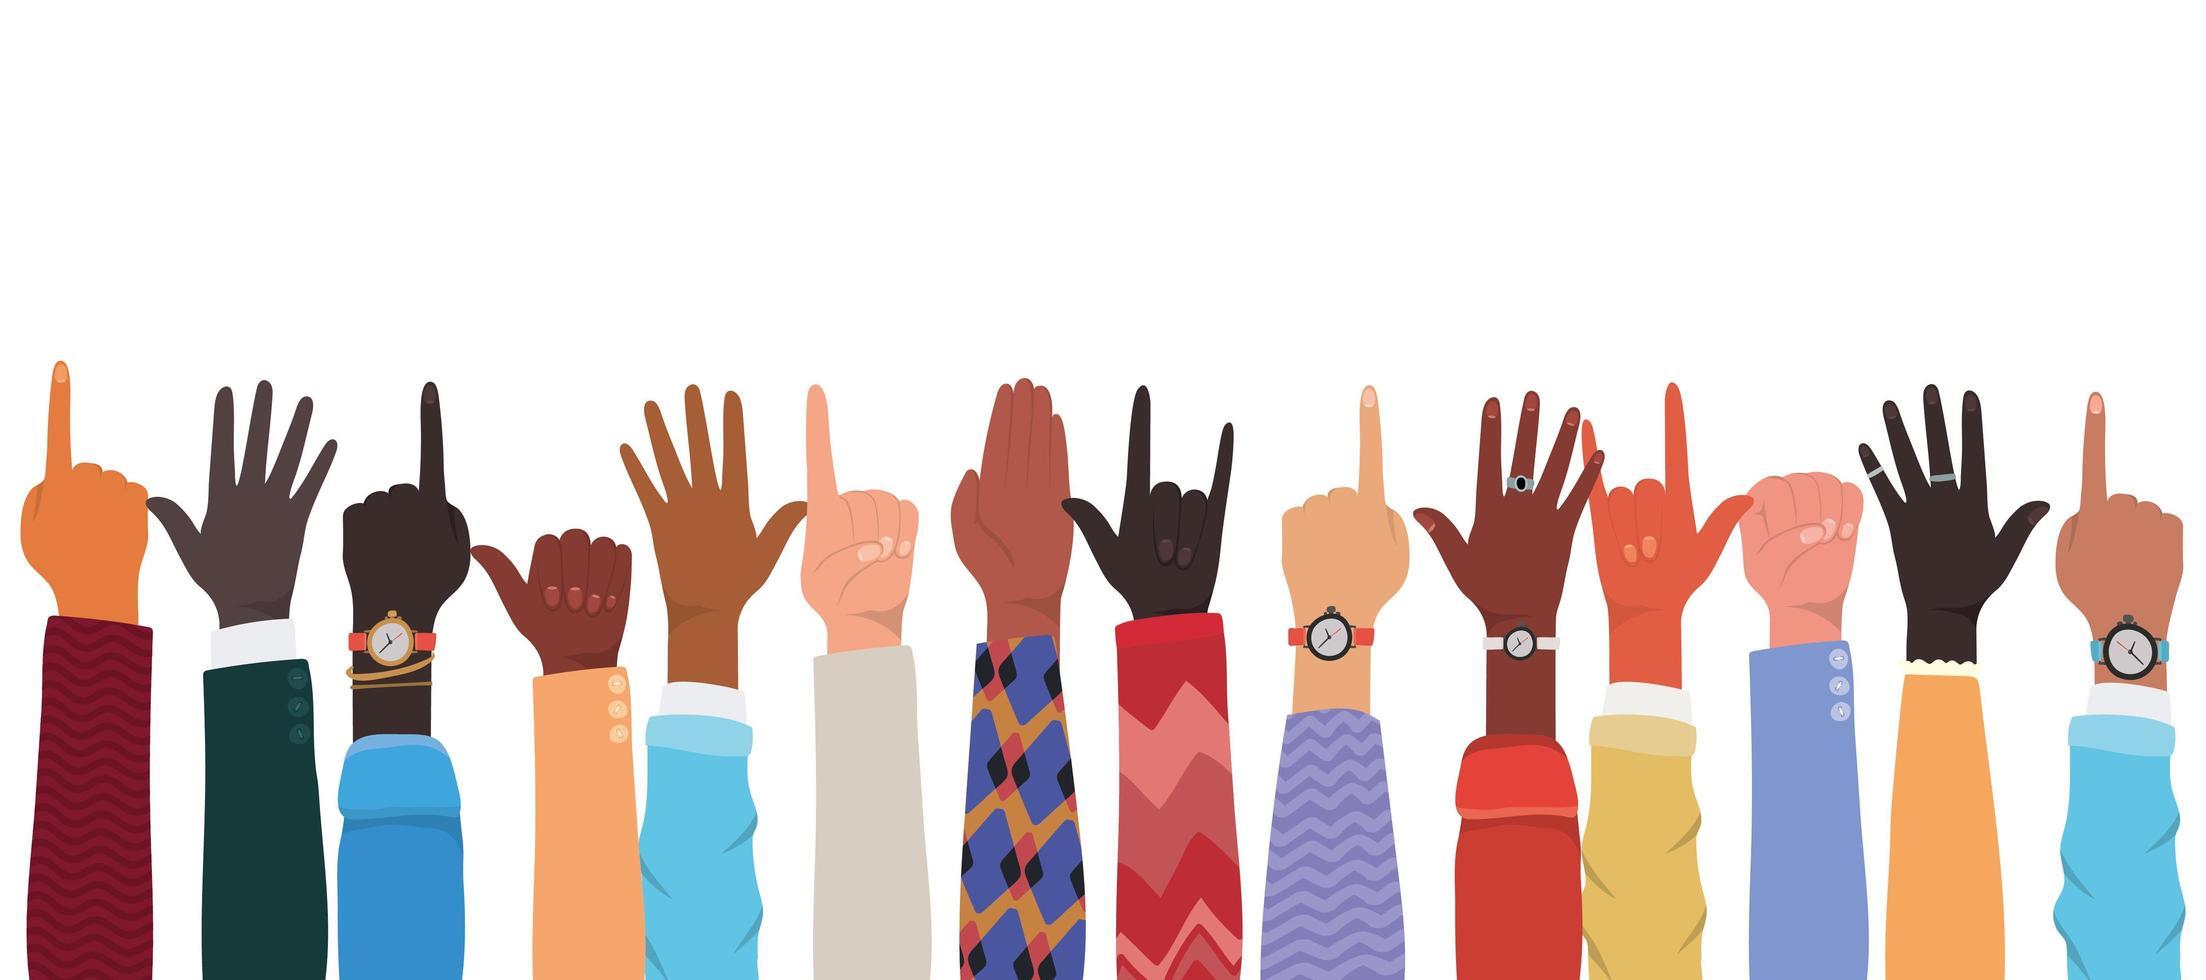 hands up av olika typer av skinndesign vektor